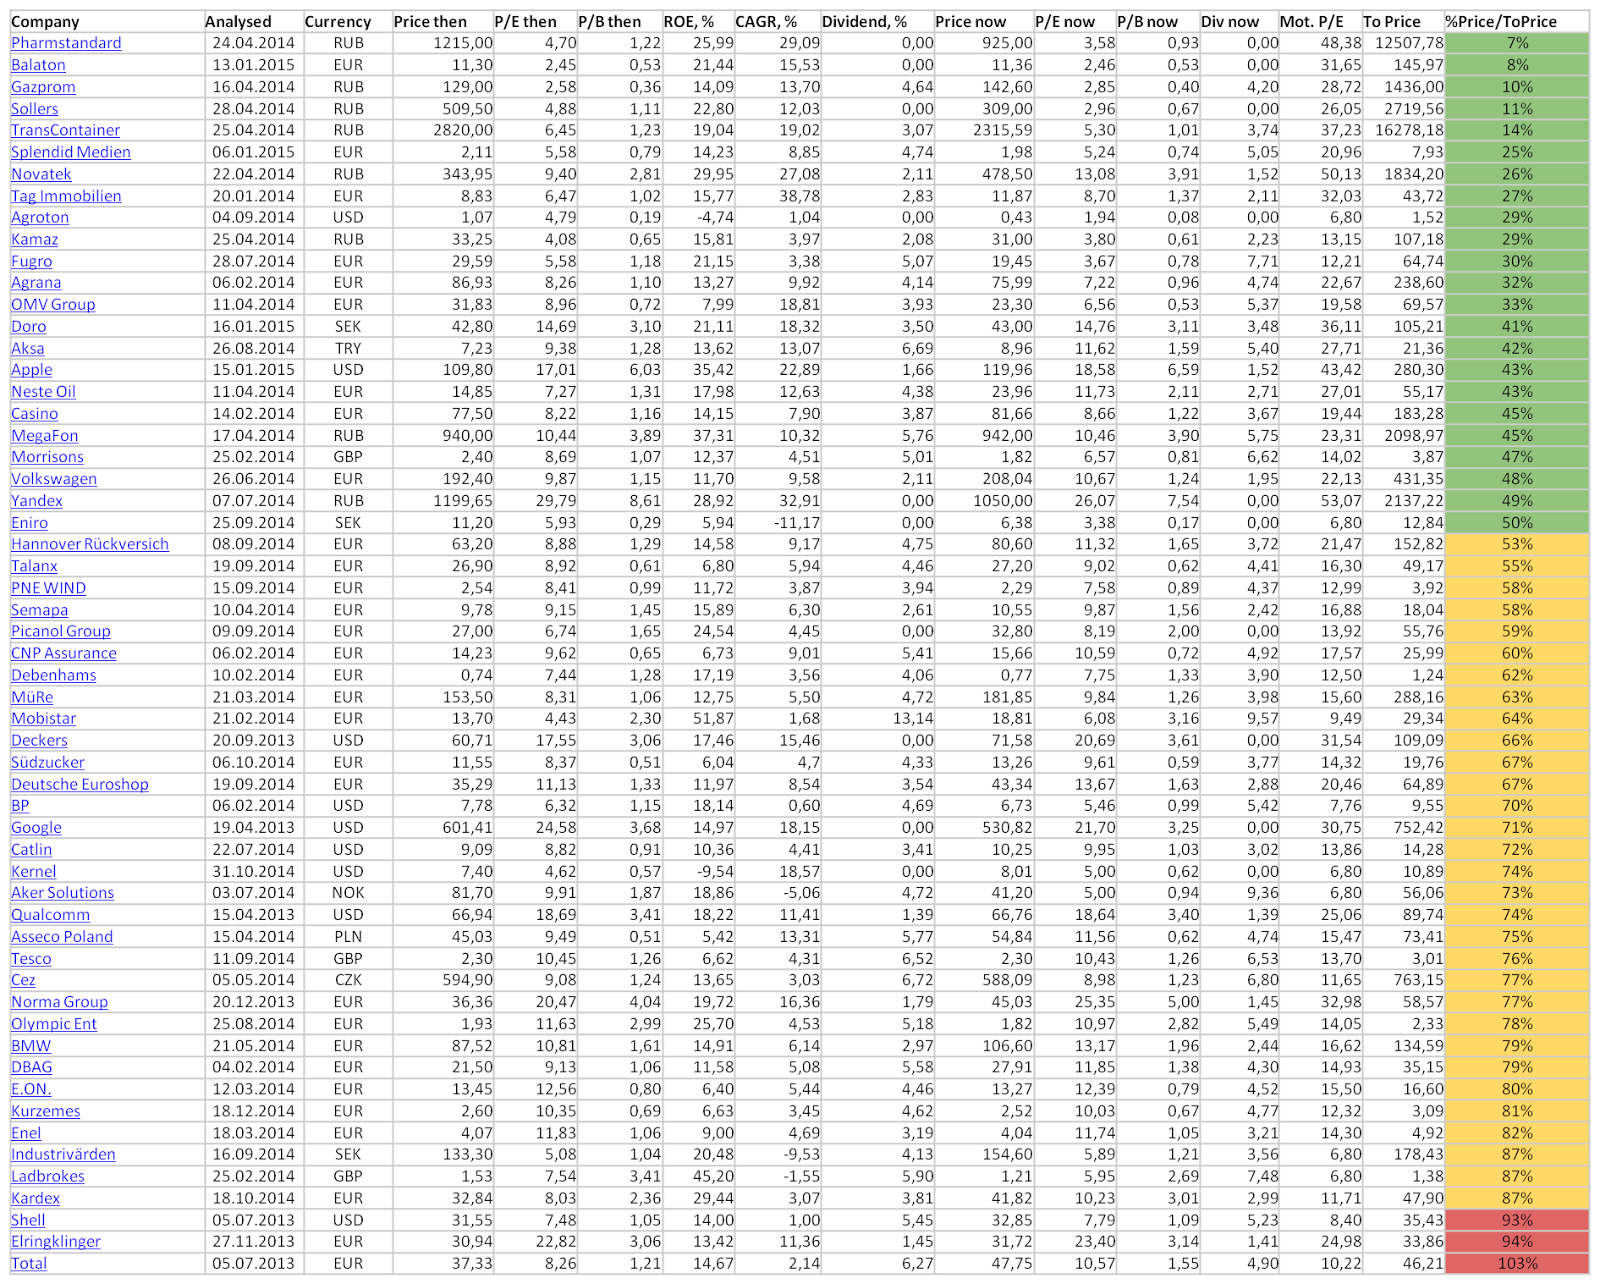 February, 2015, stocks of interest, list